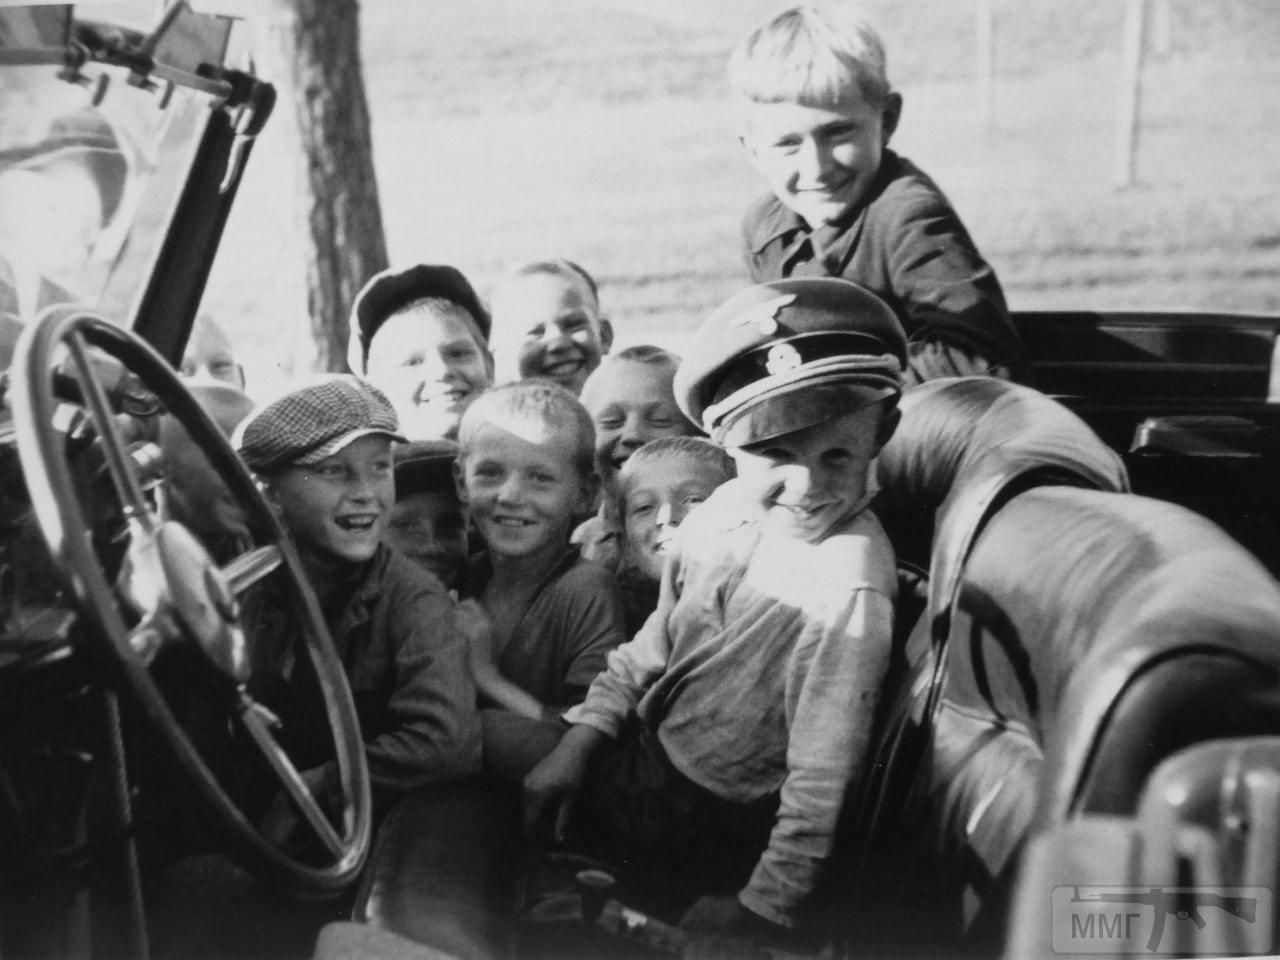 24320 - Военное фото 1941-1945 г.г. Восточный фронт.